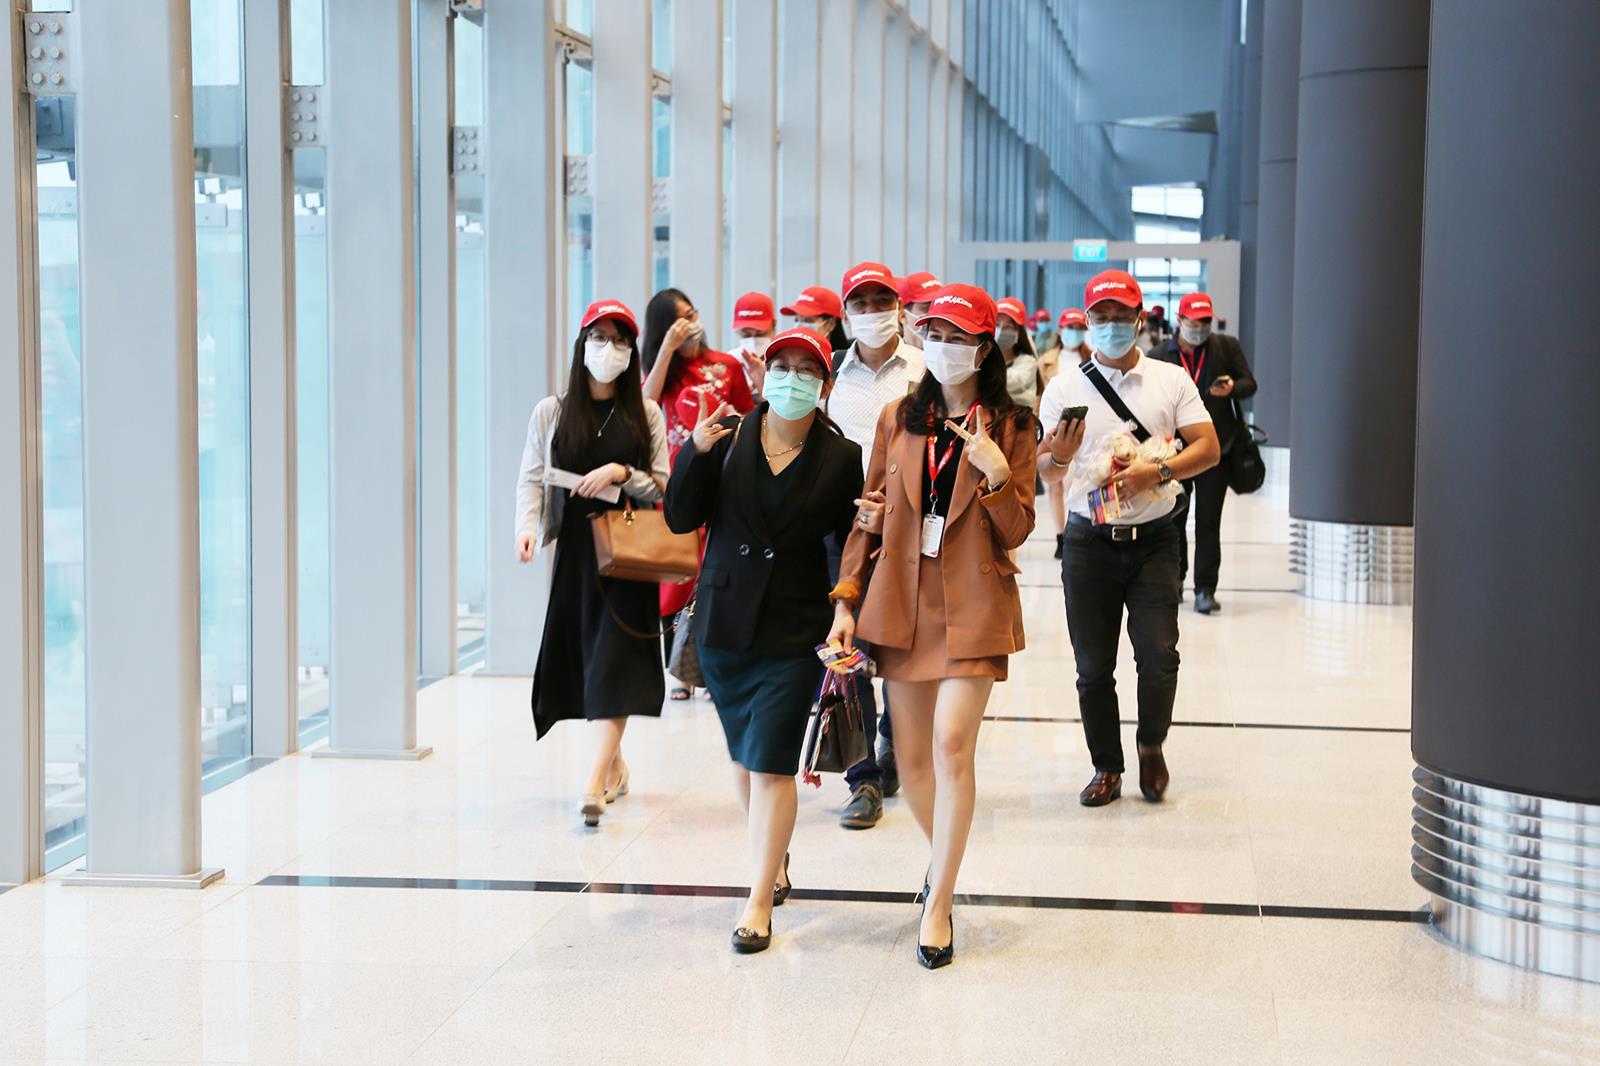 Sân bay Vân Đồn chính thức hoạt động trở lại sau hơn 1 tháng đóng cửa - Ảnh 3.